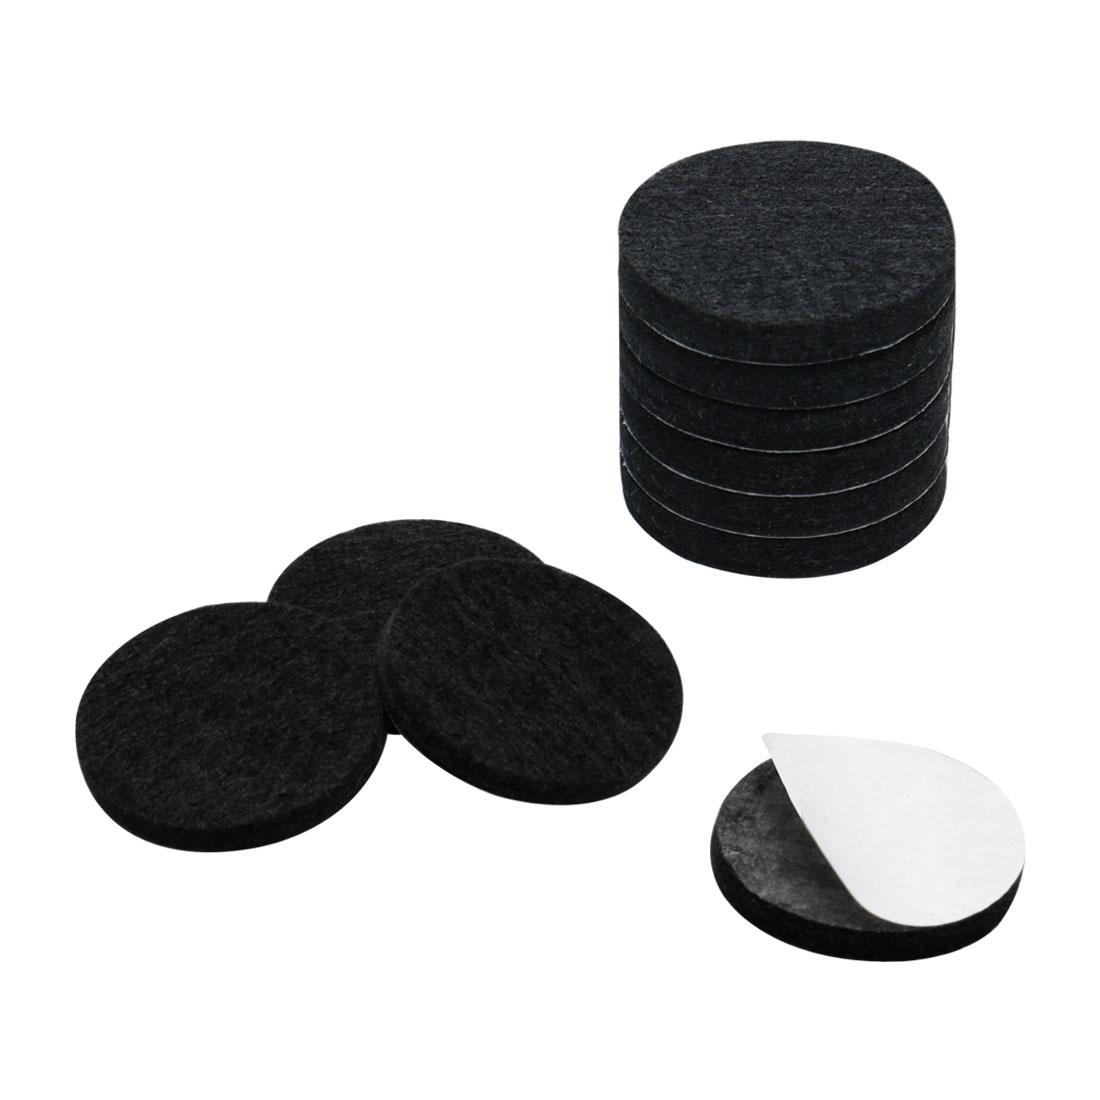 """Furniture Felt Pads Round 1 1/4"""" Anti-scratch for Furniture Cabinet Black 10pcs"""